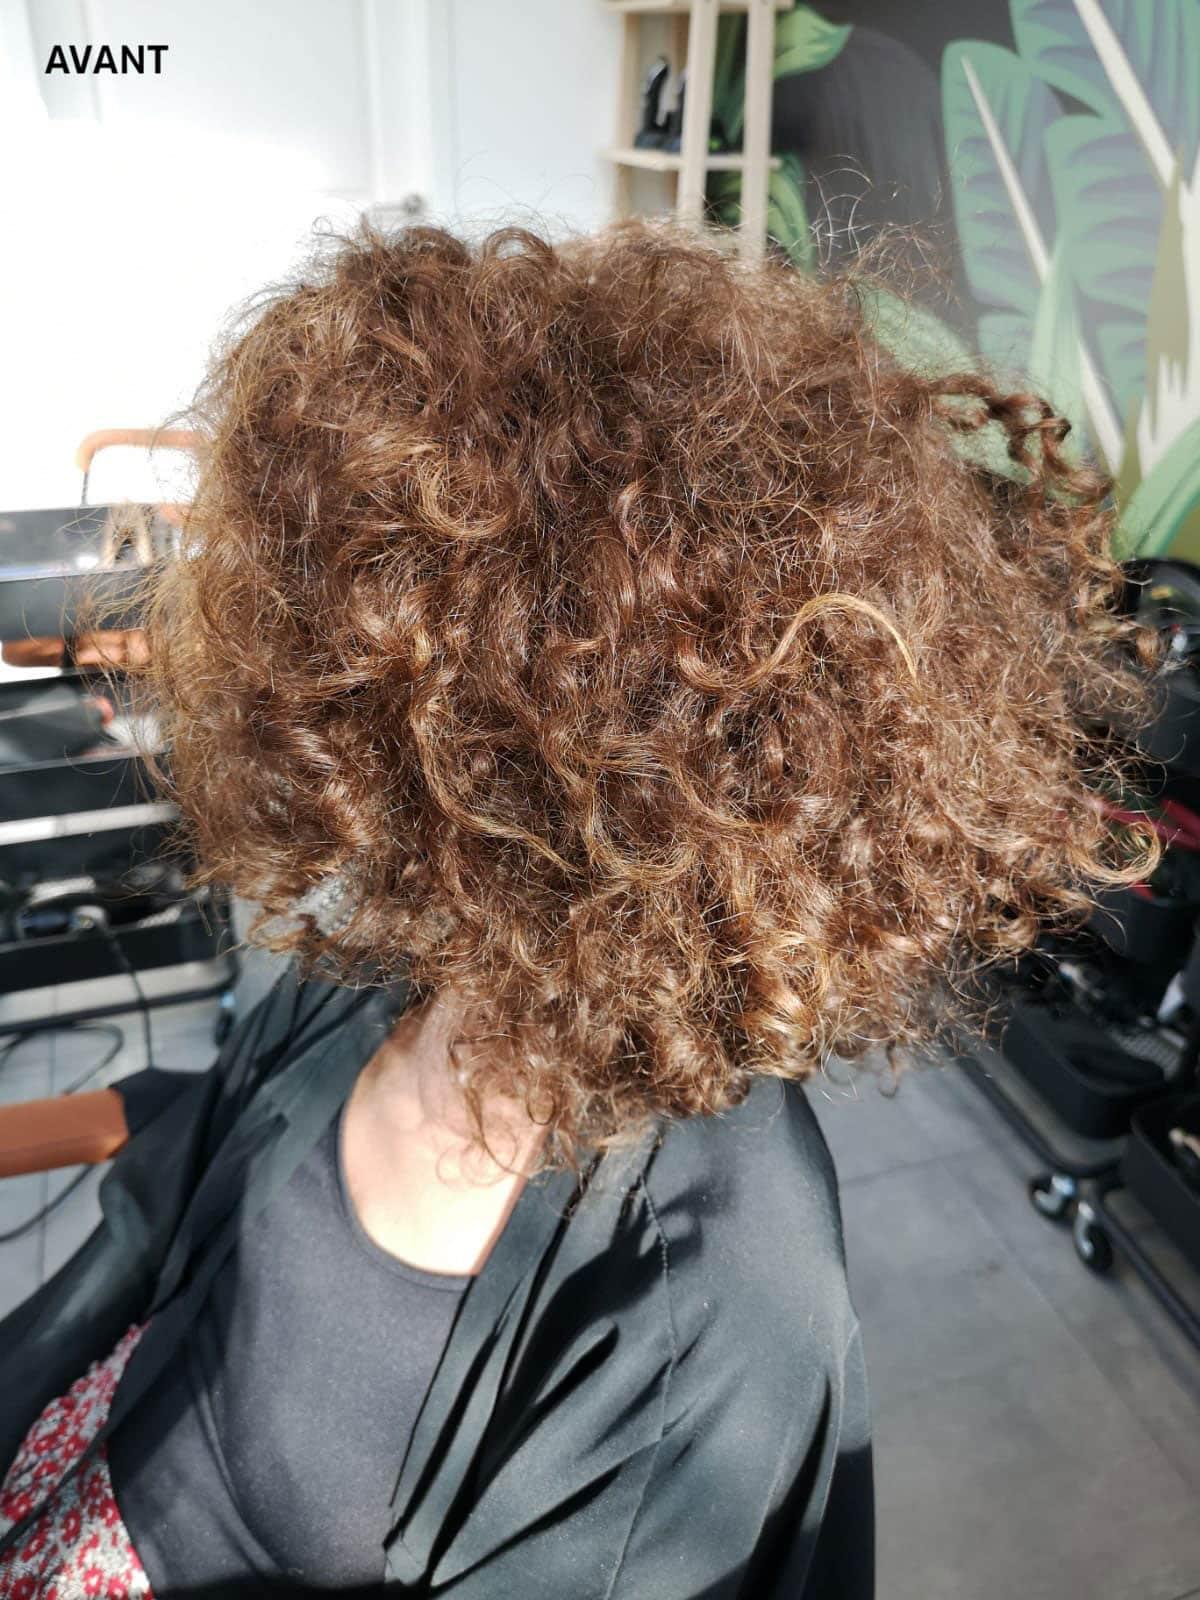 Une femme de profil avec les cheveux crépus abimés.